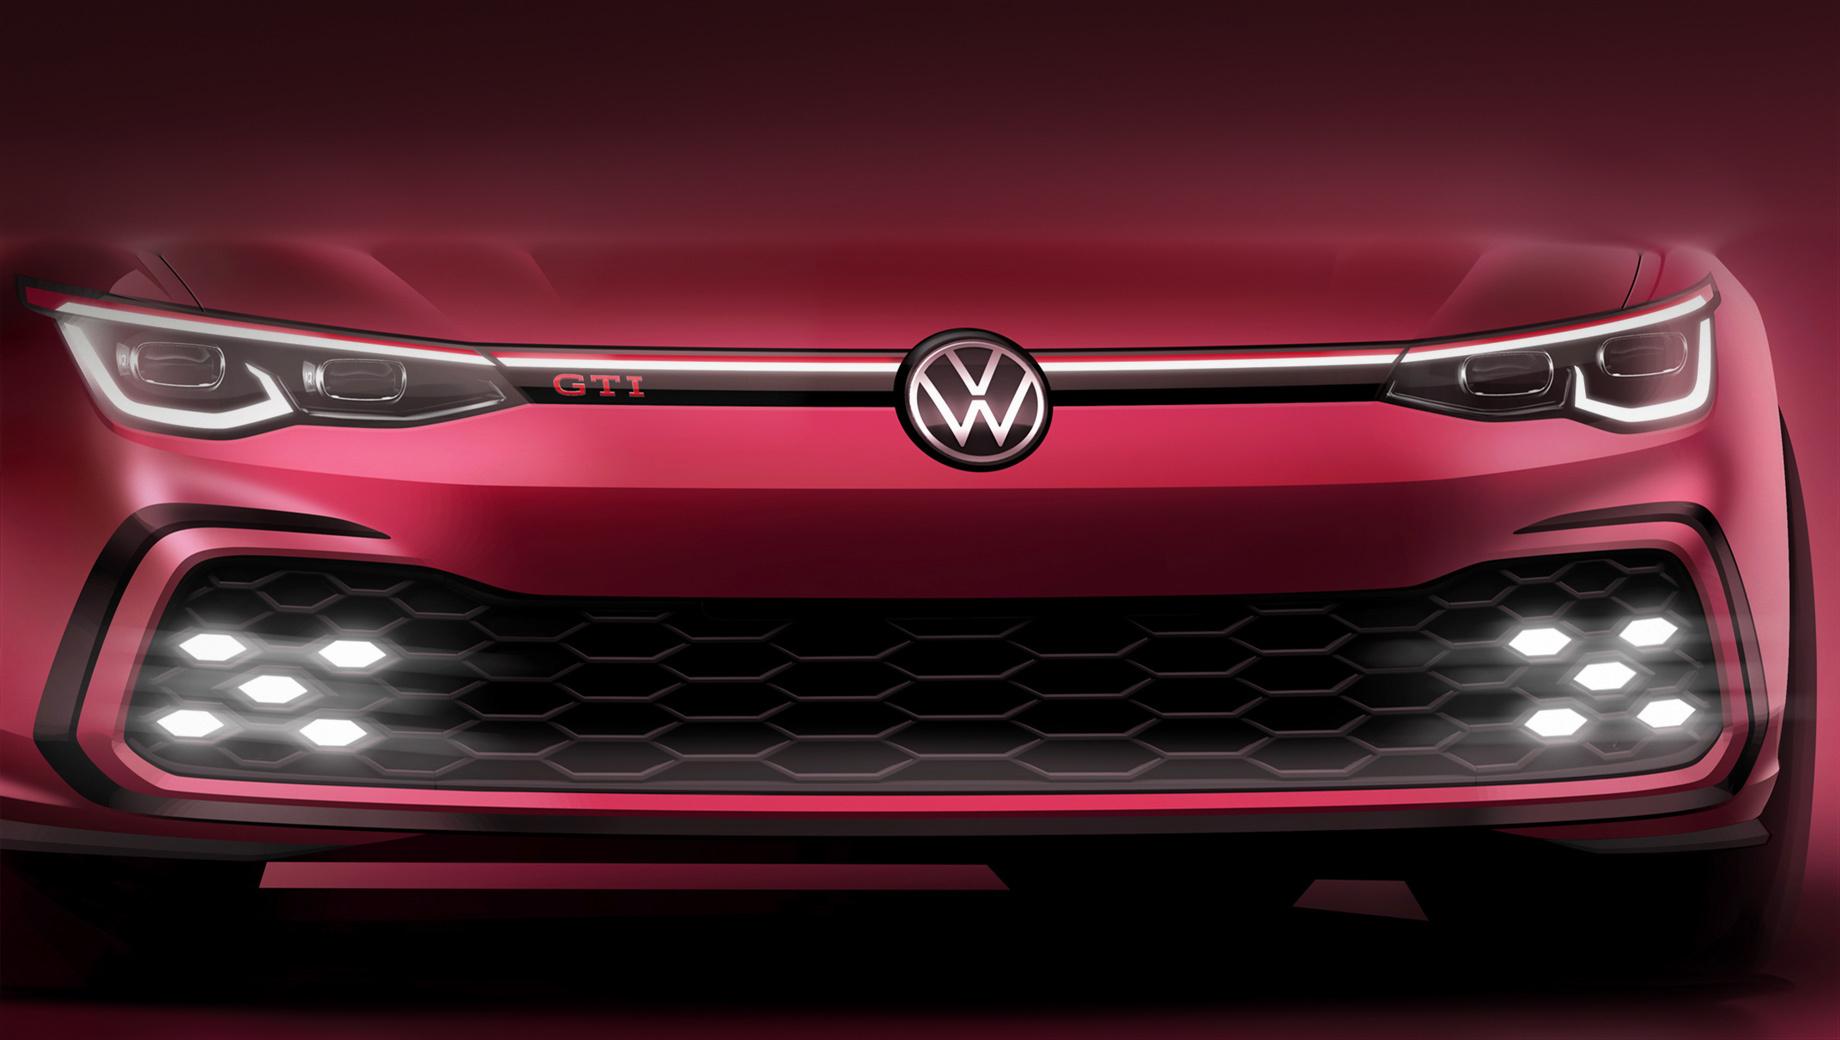 Volkswagen golf,Volkswagen golf gti,Volkswagen golf r. Только неделю назад компания показала тизер дизельного новичка Golf GTD. Как оказалось, носовая часть модели GTI идентична: мы снова видим крупные соты с диодными шестиугольниками по краям. Светящаяся полоса на решётке радиатора — опция.